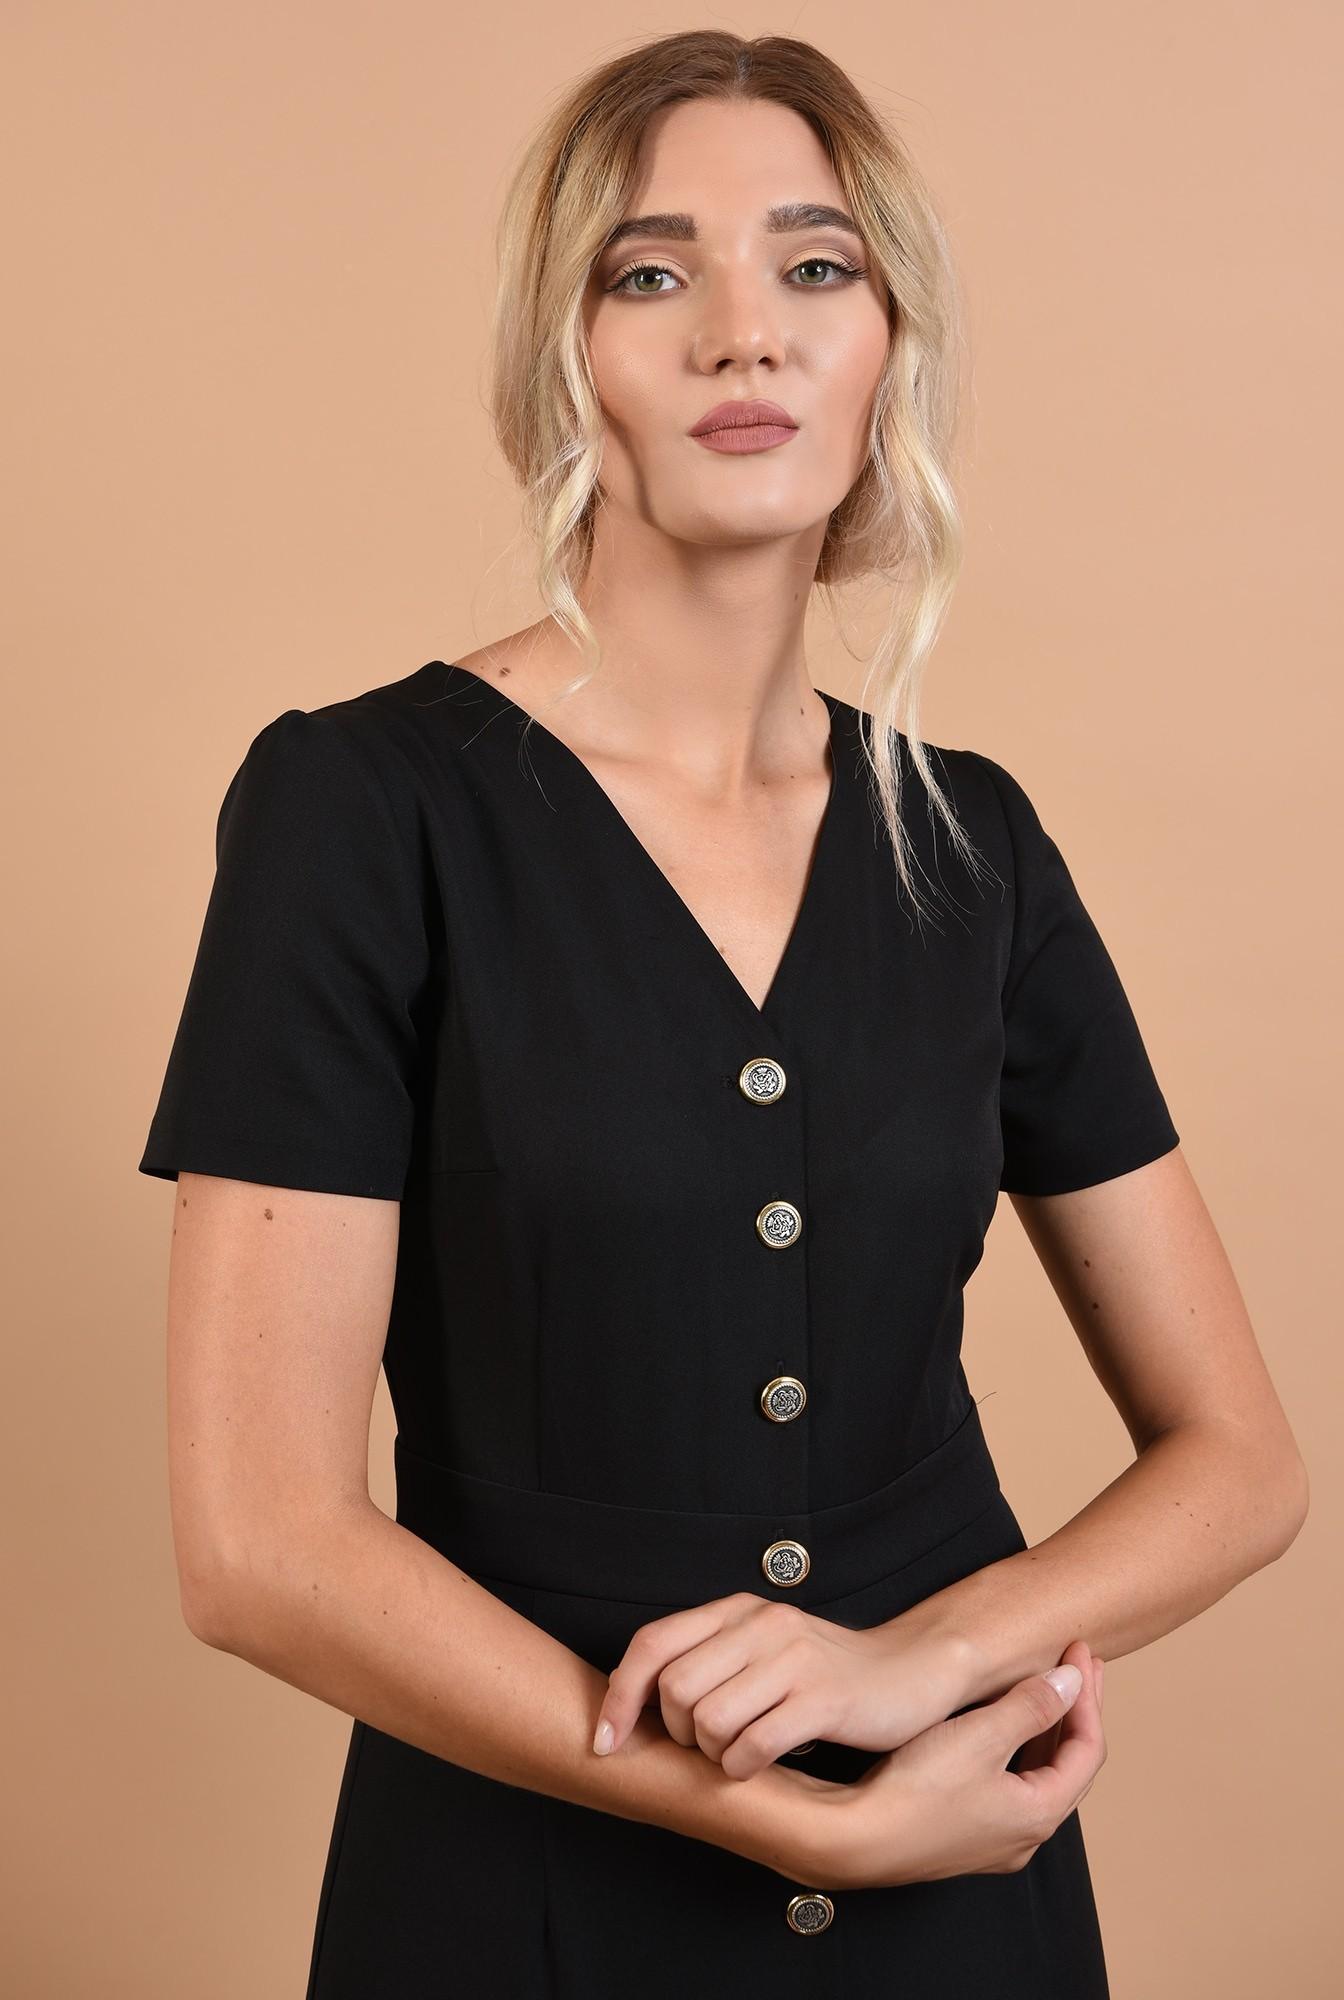 2 - 360 - rochie neagra, cu nasturi, anchior, maneci scurte, office